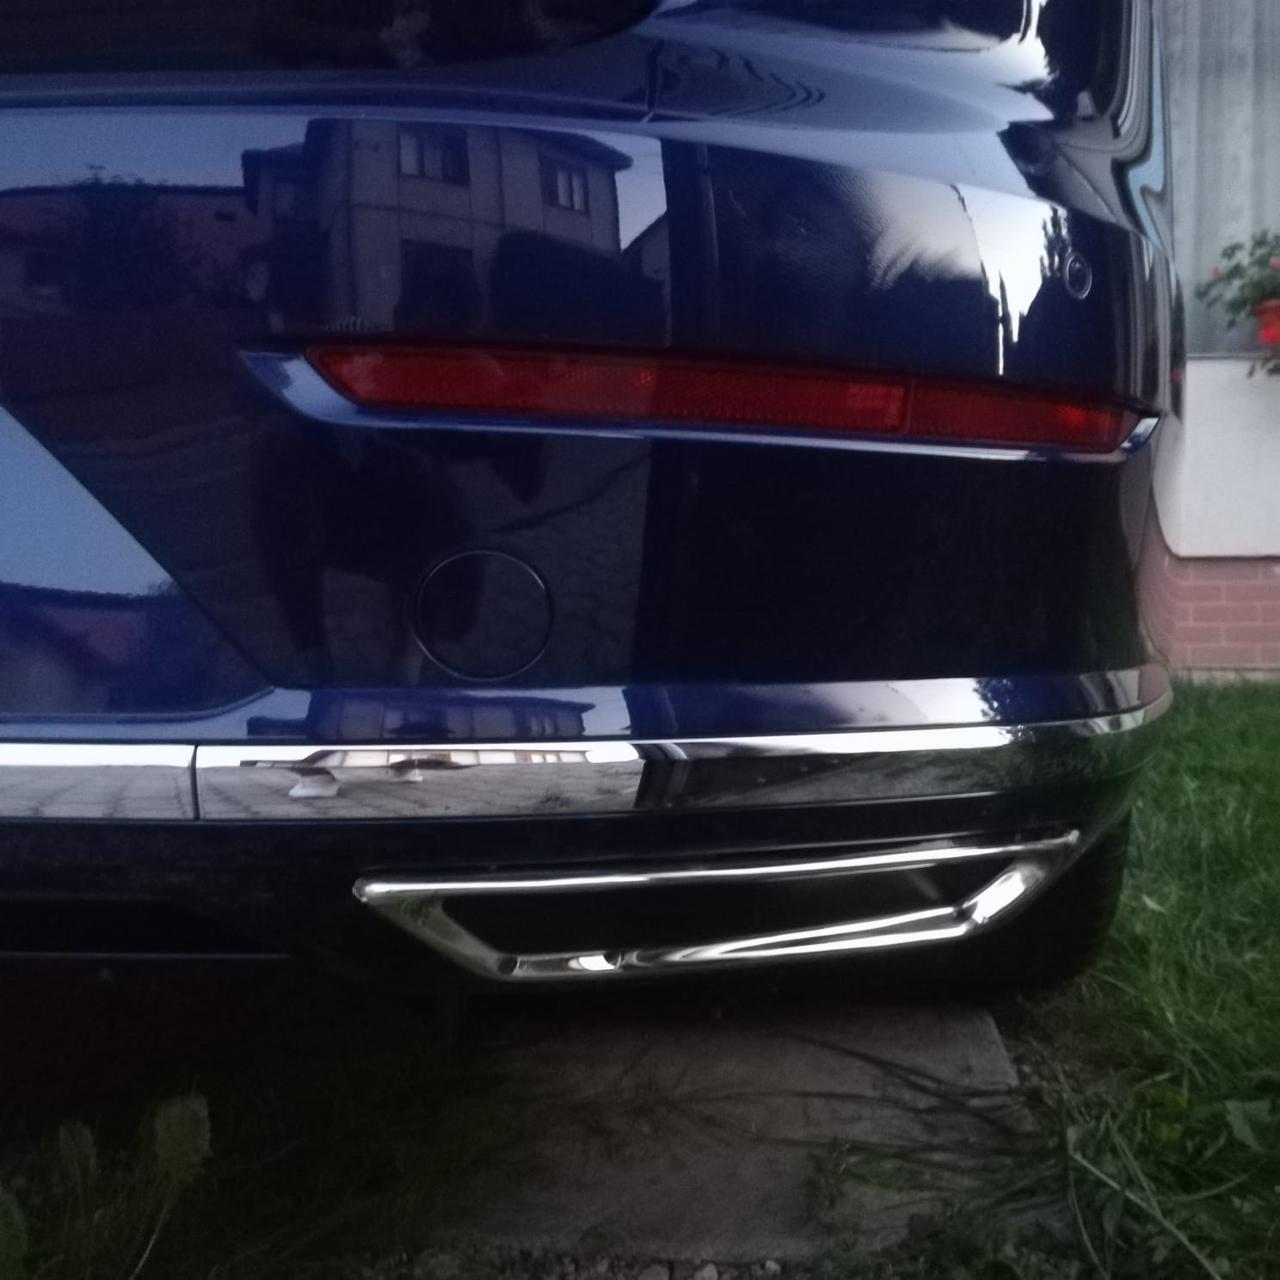 Volkswagen Arteon Накладки на задний бампер ниже катафотов из нержавейки S-Designs / Накладки на задний бампер